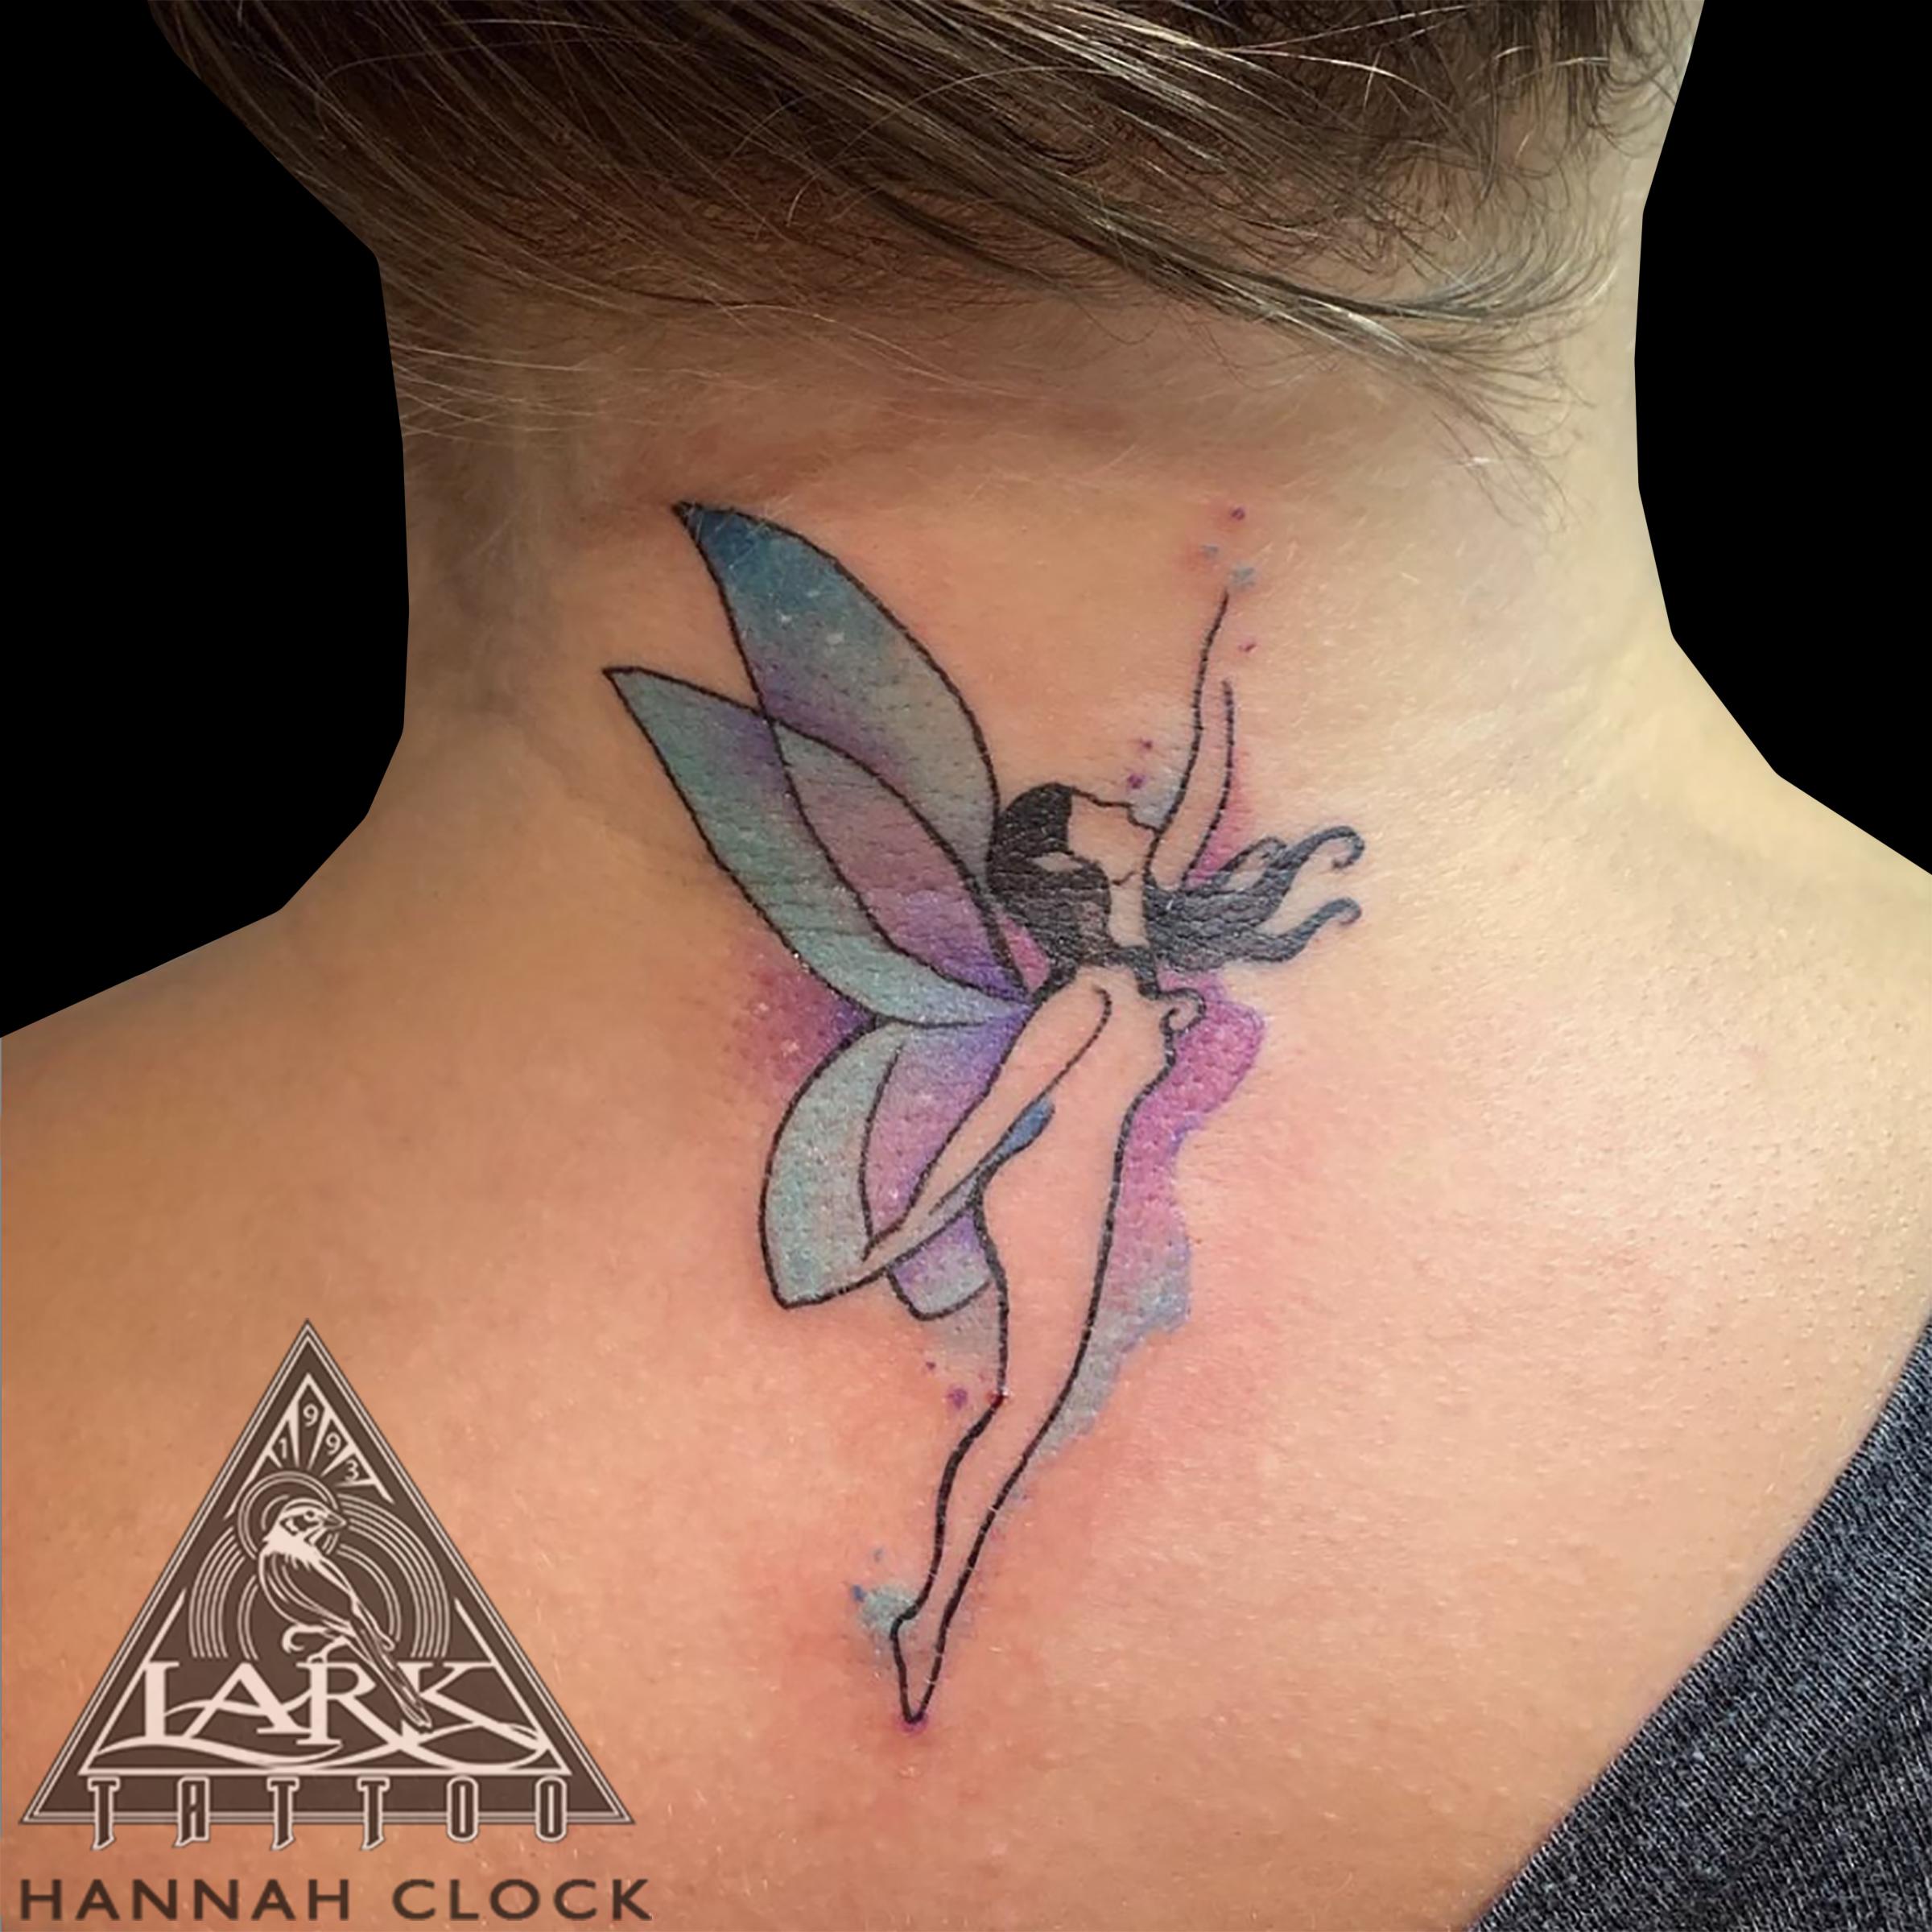 #Fairy #FairyTattoo #WaterColor #WaterColorTattoo #FemaleTattooer #FemaleTattooArtist #LadyTattooer #ColorTattoo #LarkTattoo #Tattoo #Tattoos #TattooArtist #Tattoist #Tattooer #LongIslandTattooArtist #LongIslandTattooer #LongIslandTattoo #TattooOfTheDay #Tat #Tats #Tatts #Tatted #Inked #Ink #TattooInk #AmazingInk #AmazingTattoo #BodyArt #LarkTattooWestbury #Westbury #LongIsland #NY #NewYork #USA #Art #Tattedup #InkedUp #LarkTattoos